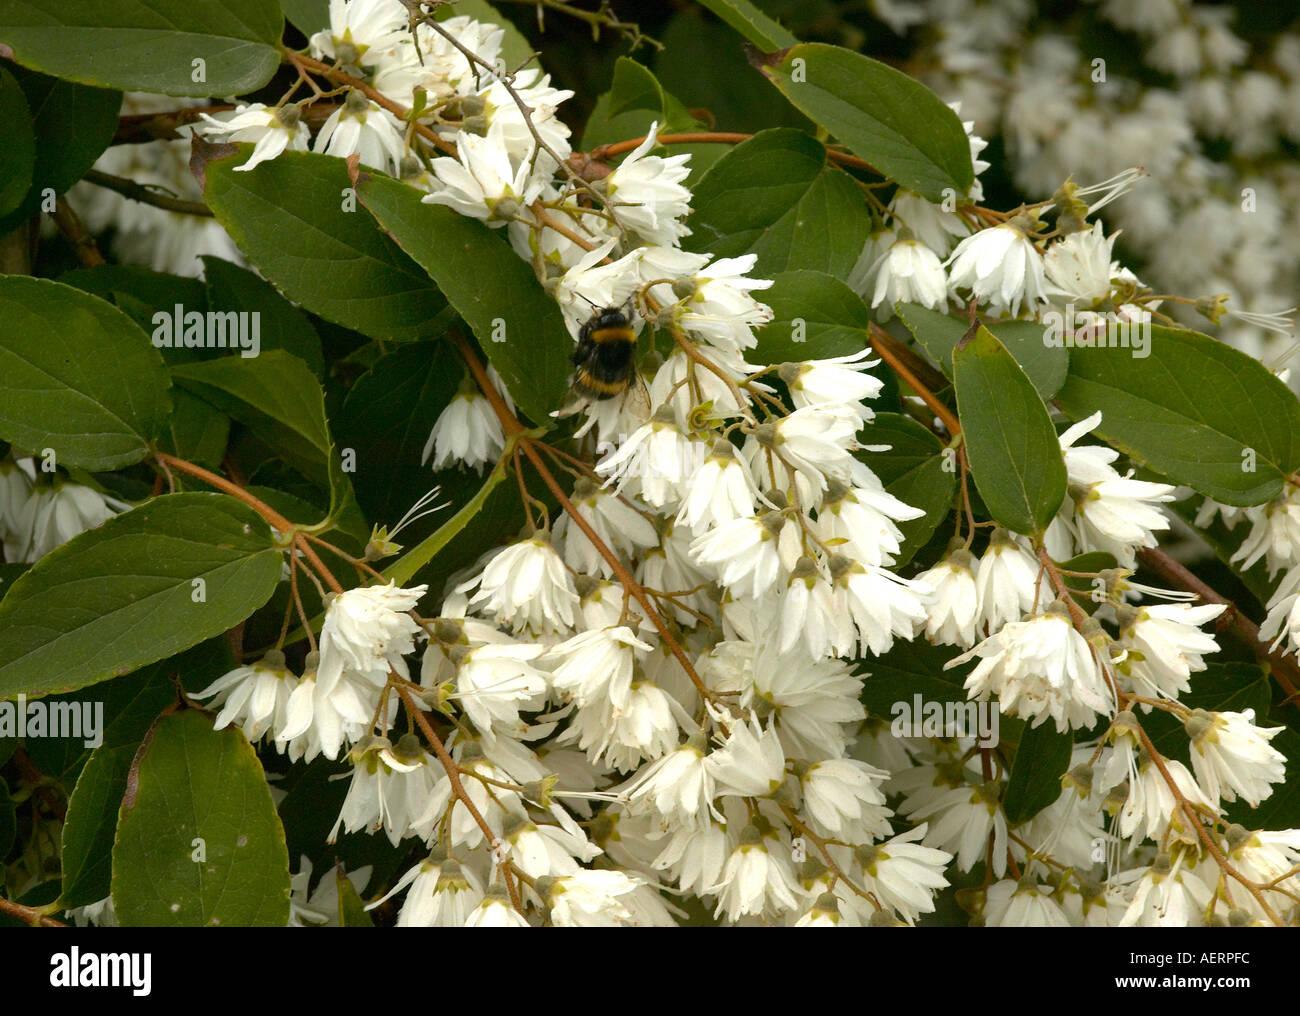 bienen sammeln von pollen aus wei en bl ten auf deutzie. Black Bedroom Furniture Sets. Home Design Ideas